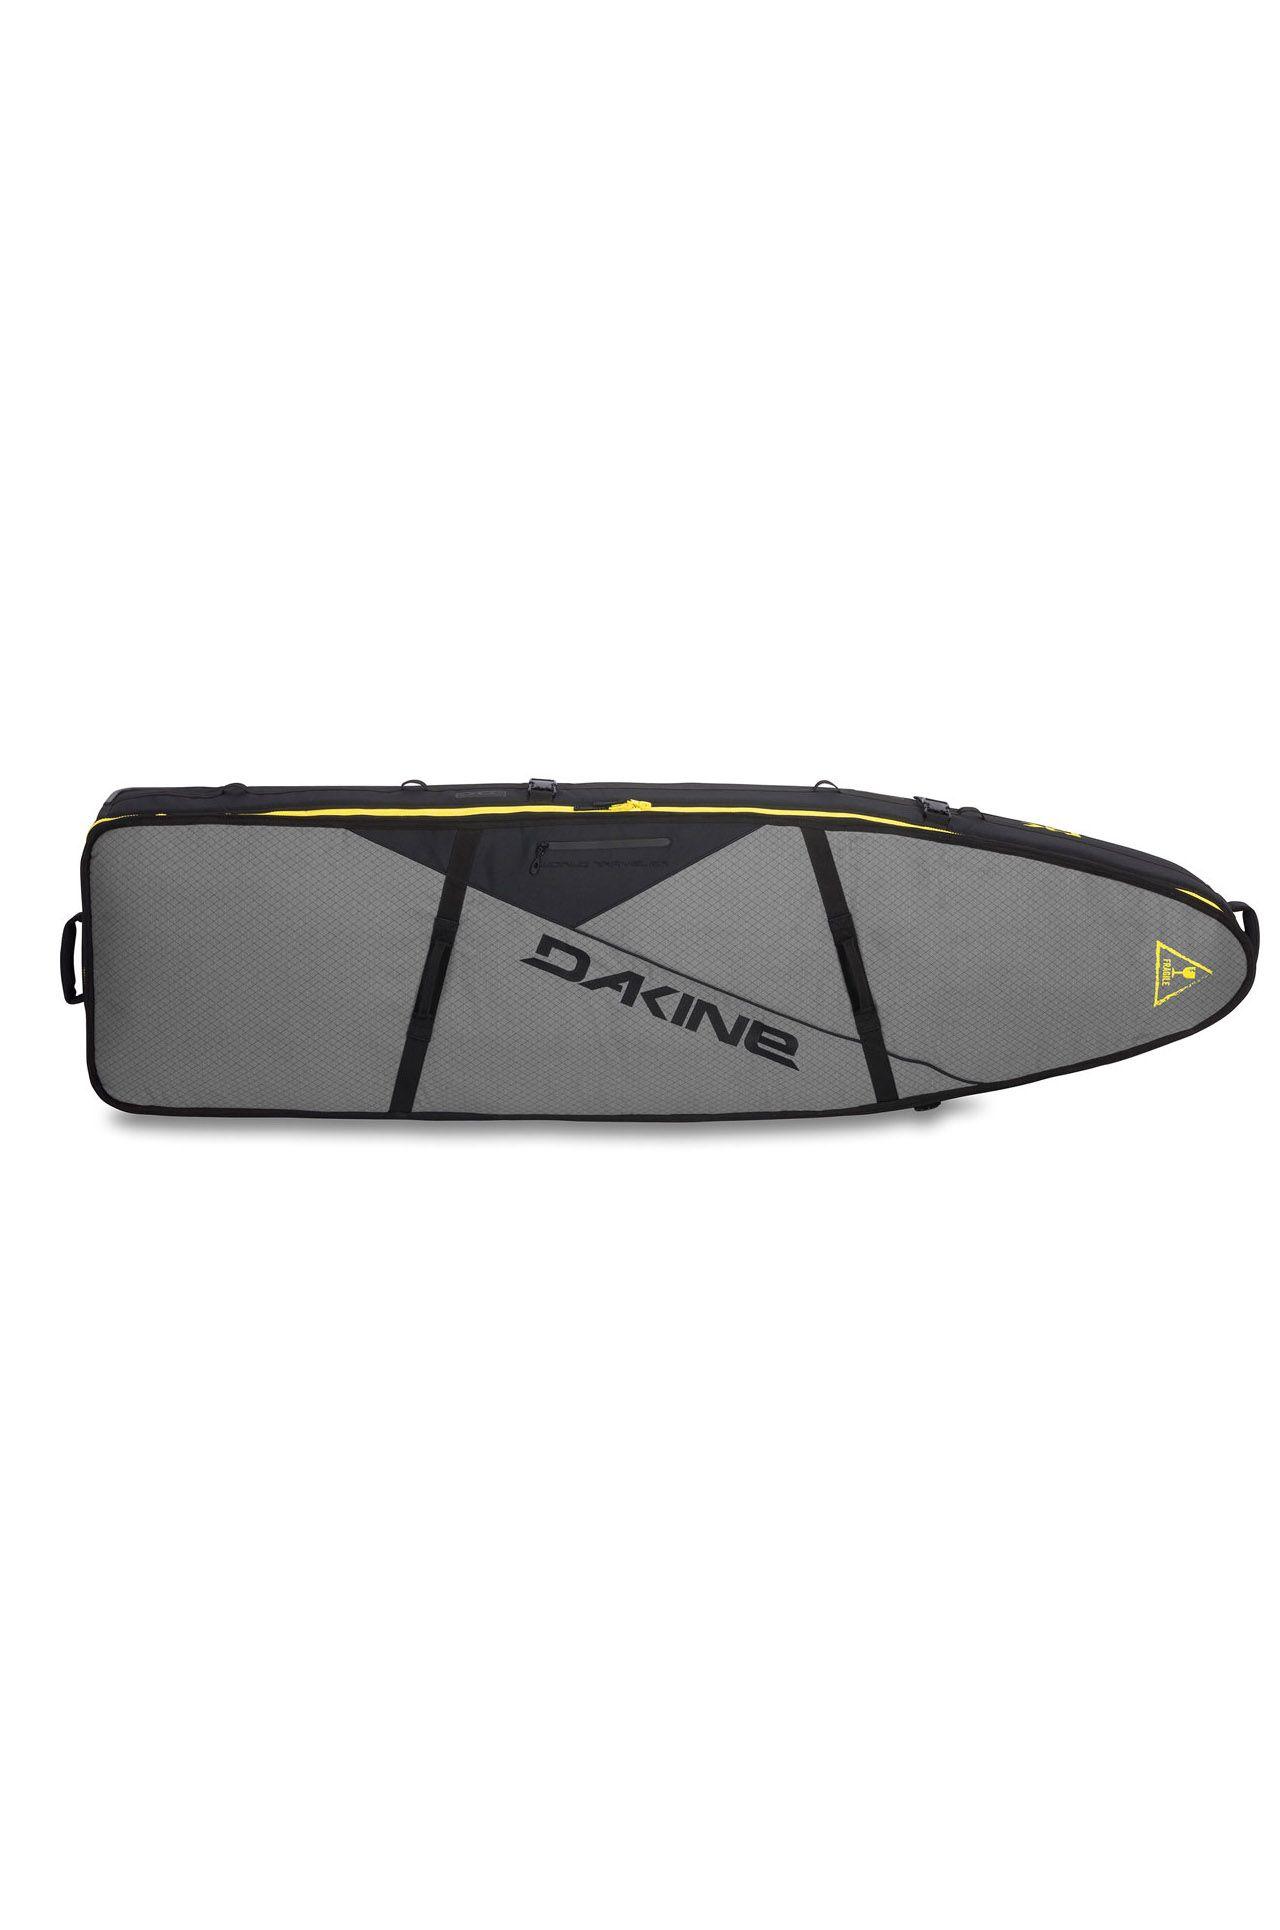 Dakine Boardbag 6'6 WORLD TRAVELER SURFBOARD BAG QUAD Carbon